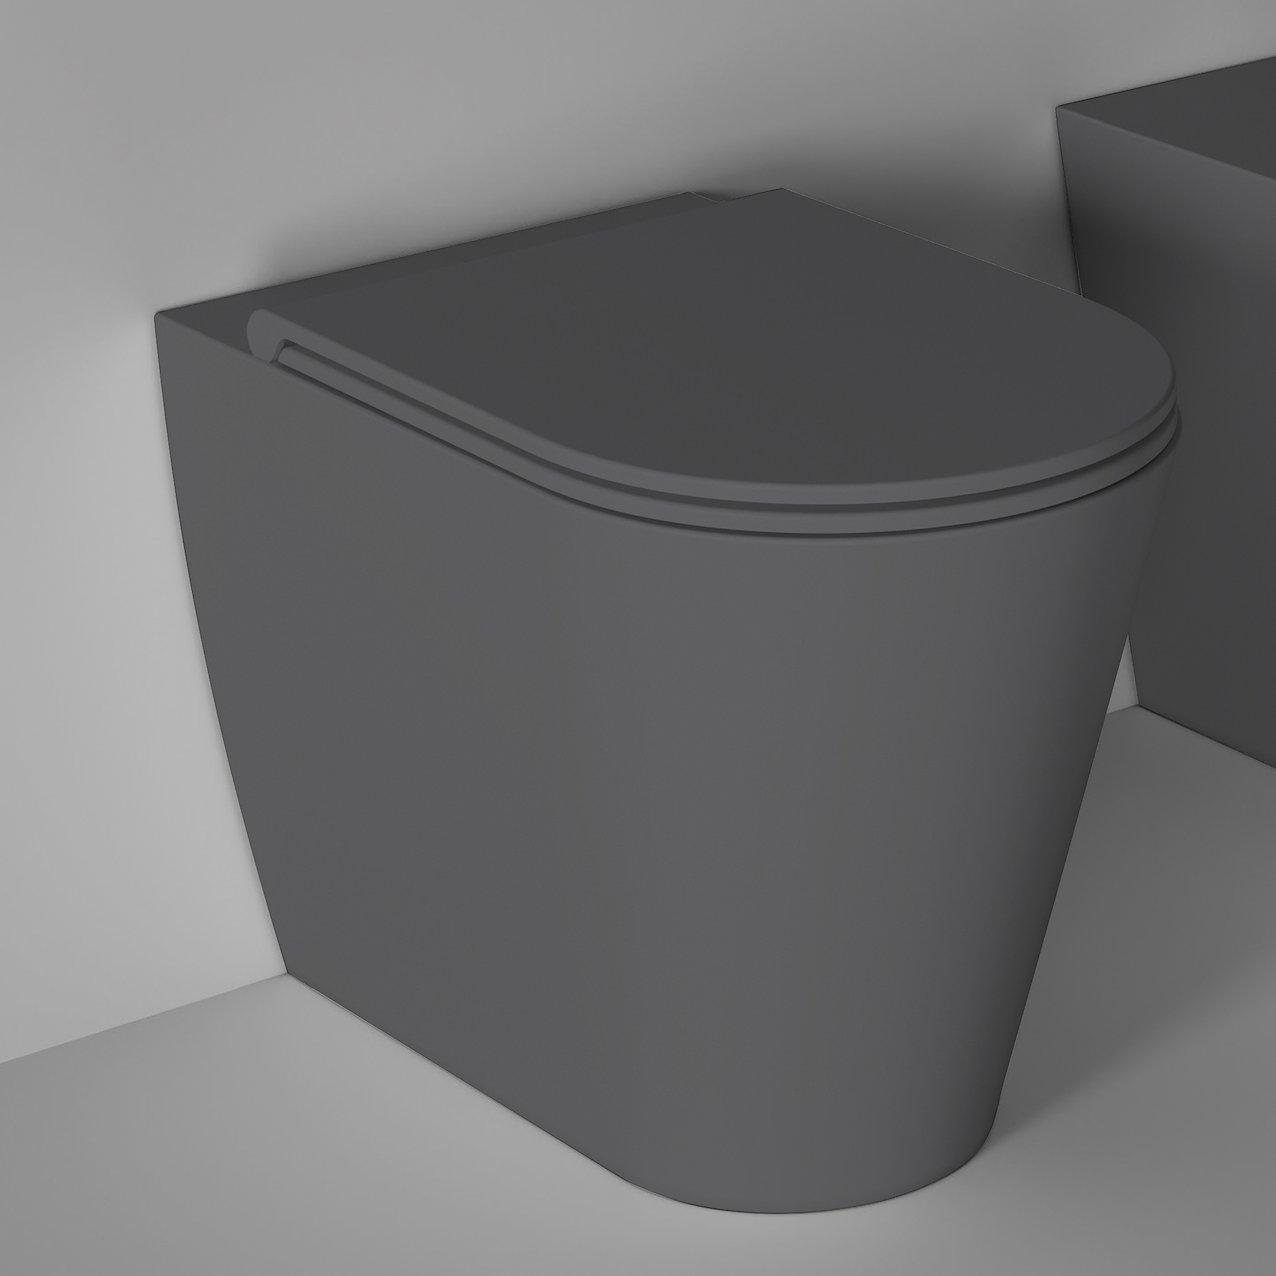 WC Hide Round filomuro